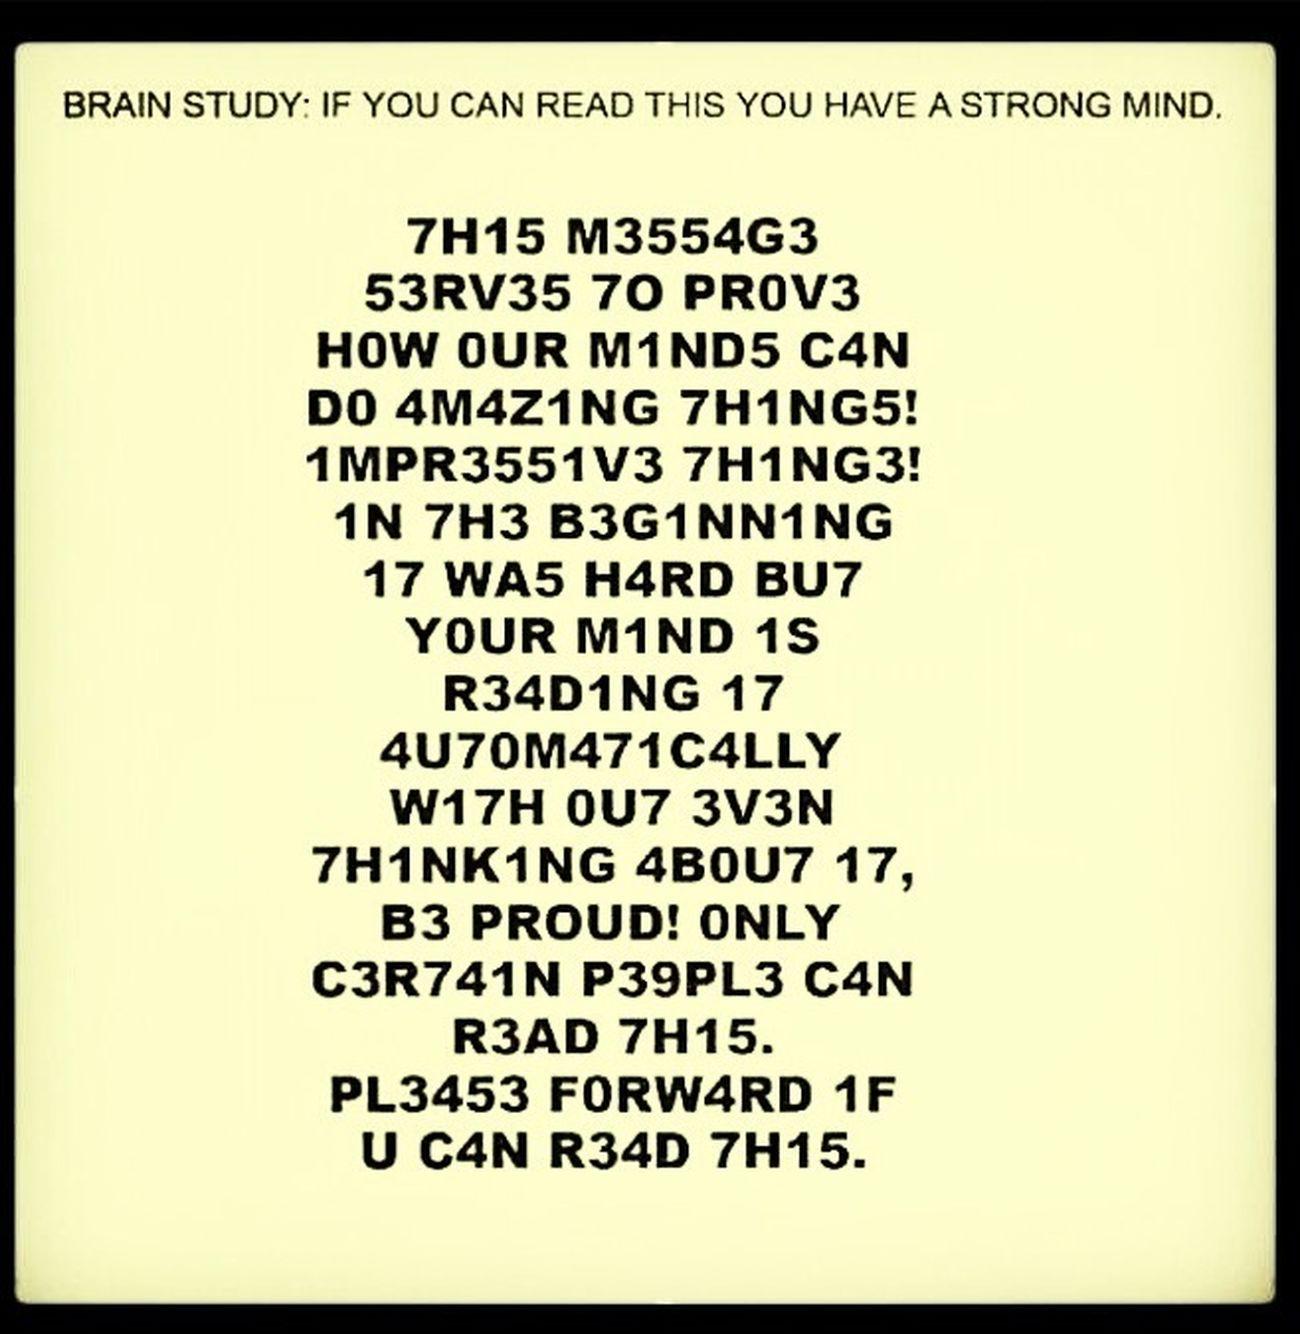 I Read It